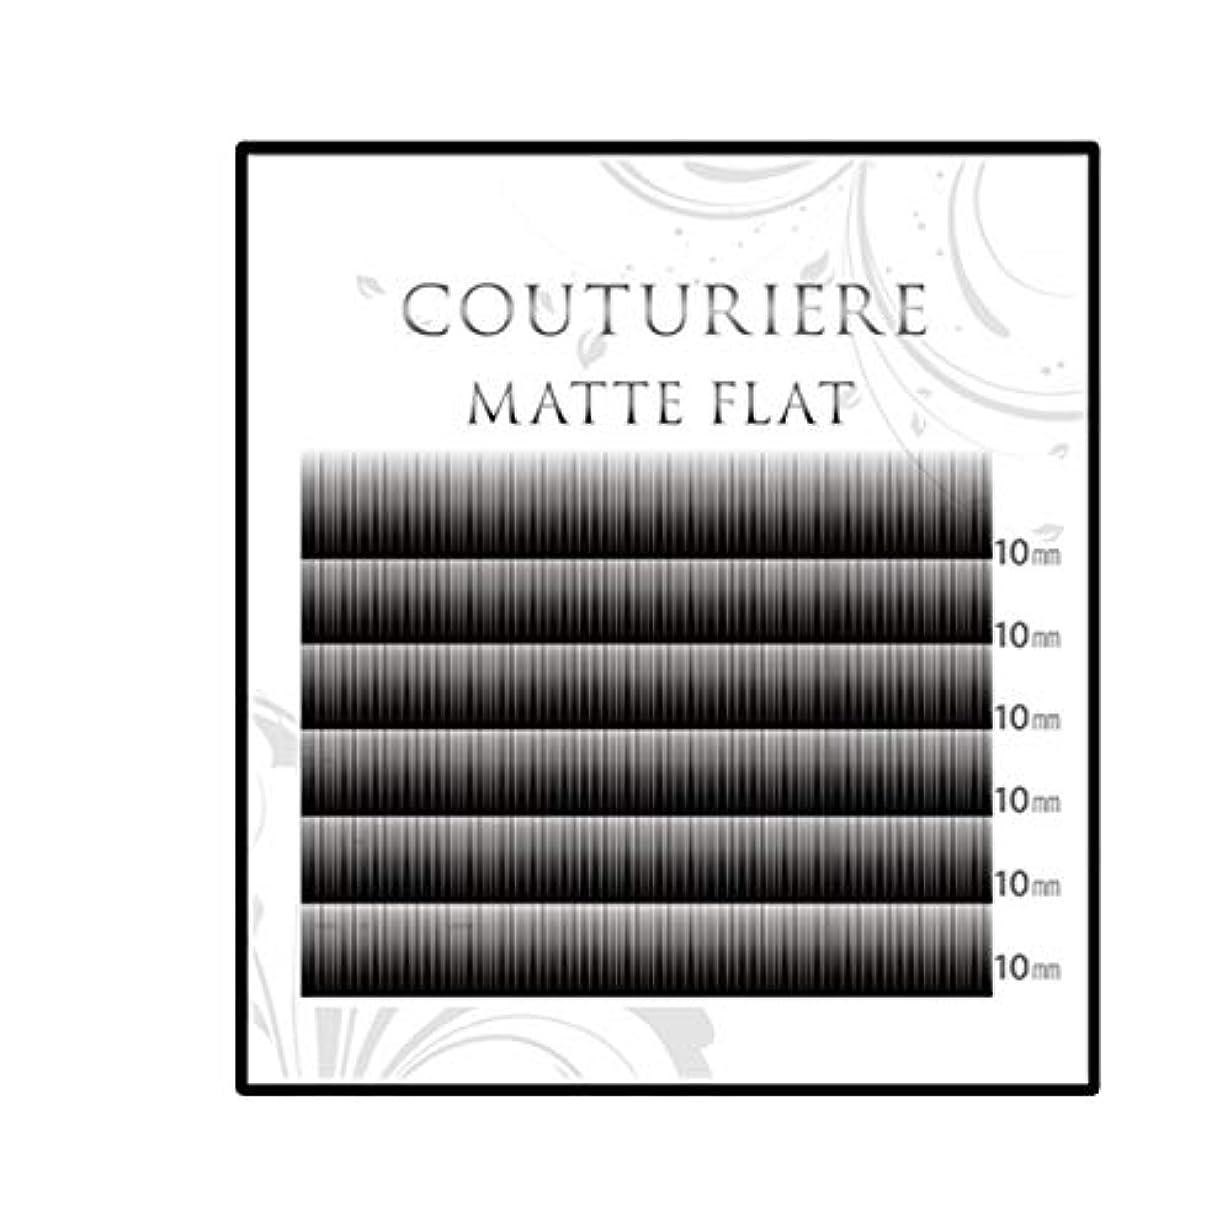 ほぼ膨張する発生クチュリエール マットフラット(2又)(6列) D2カール (0.15mm MIX(8?9?10?11mm))